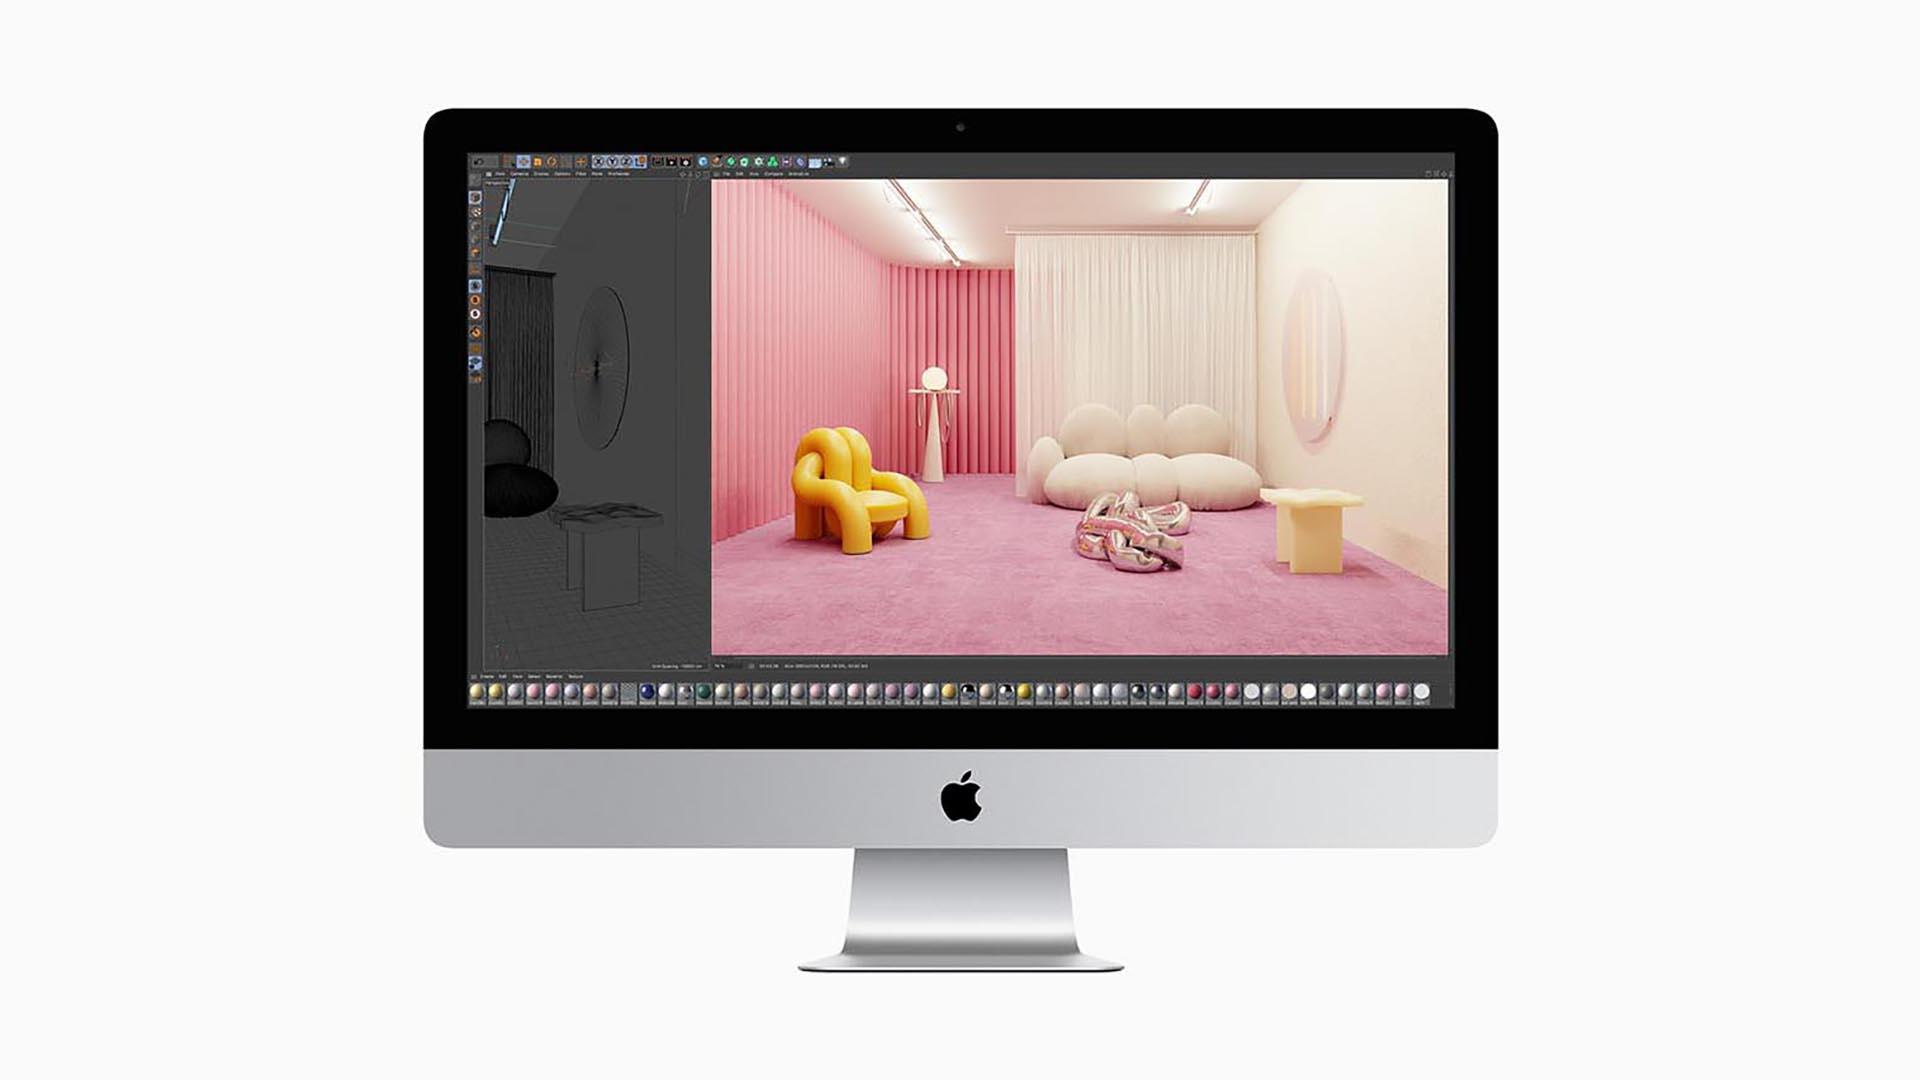 remote access for Mac